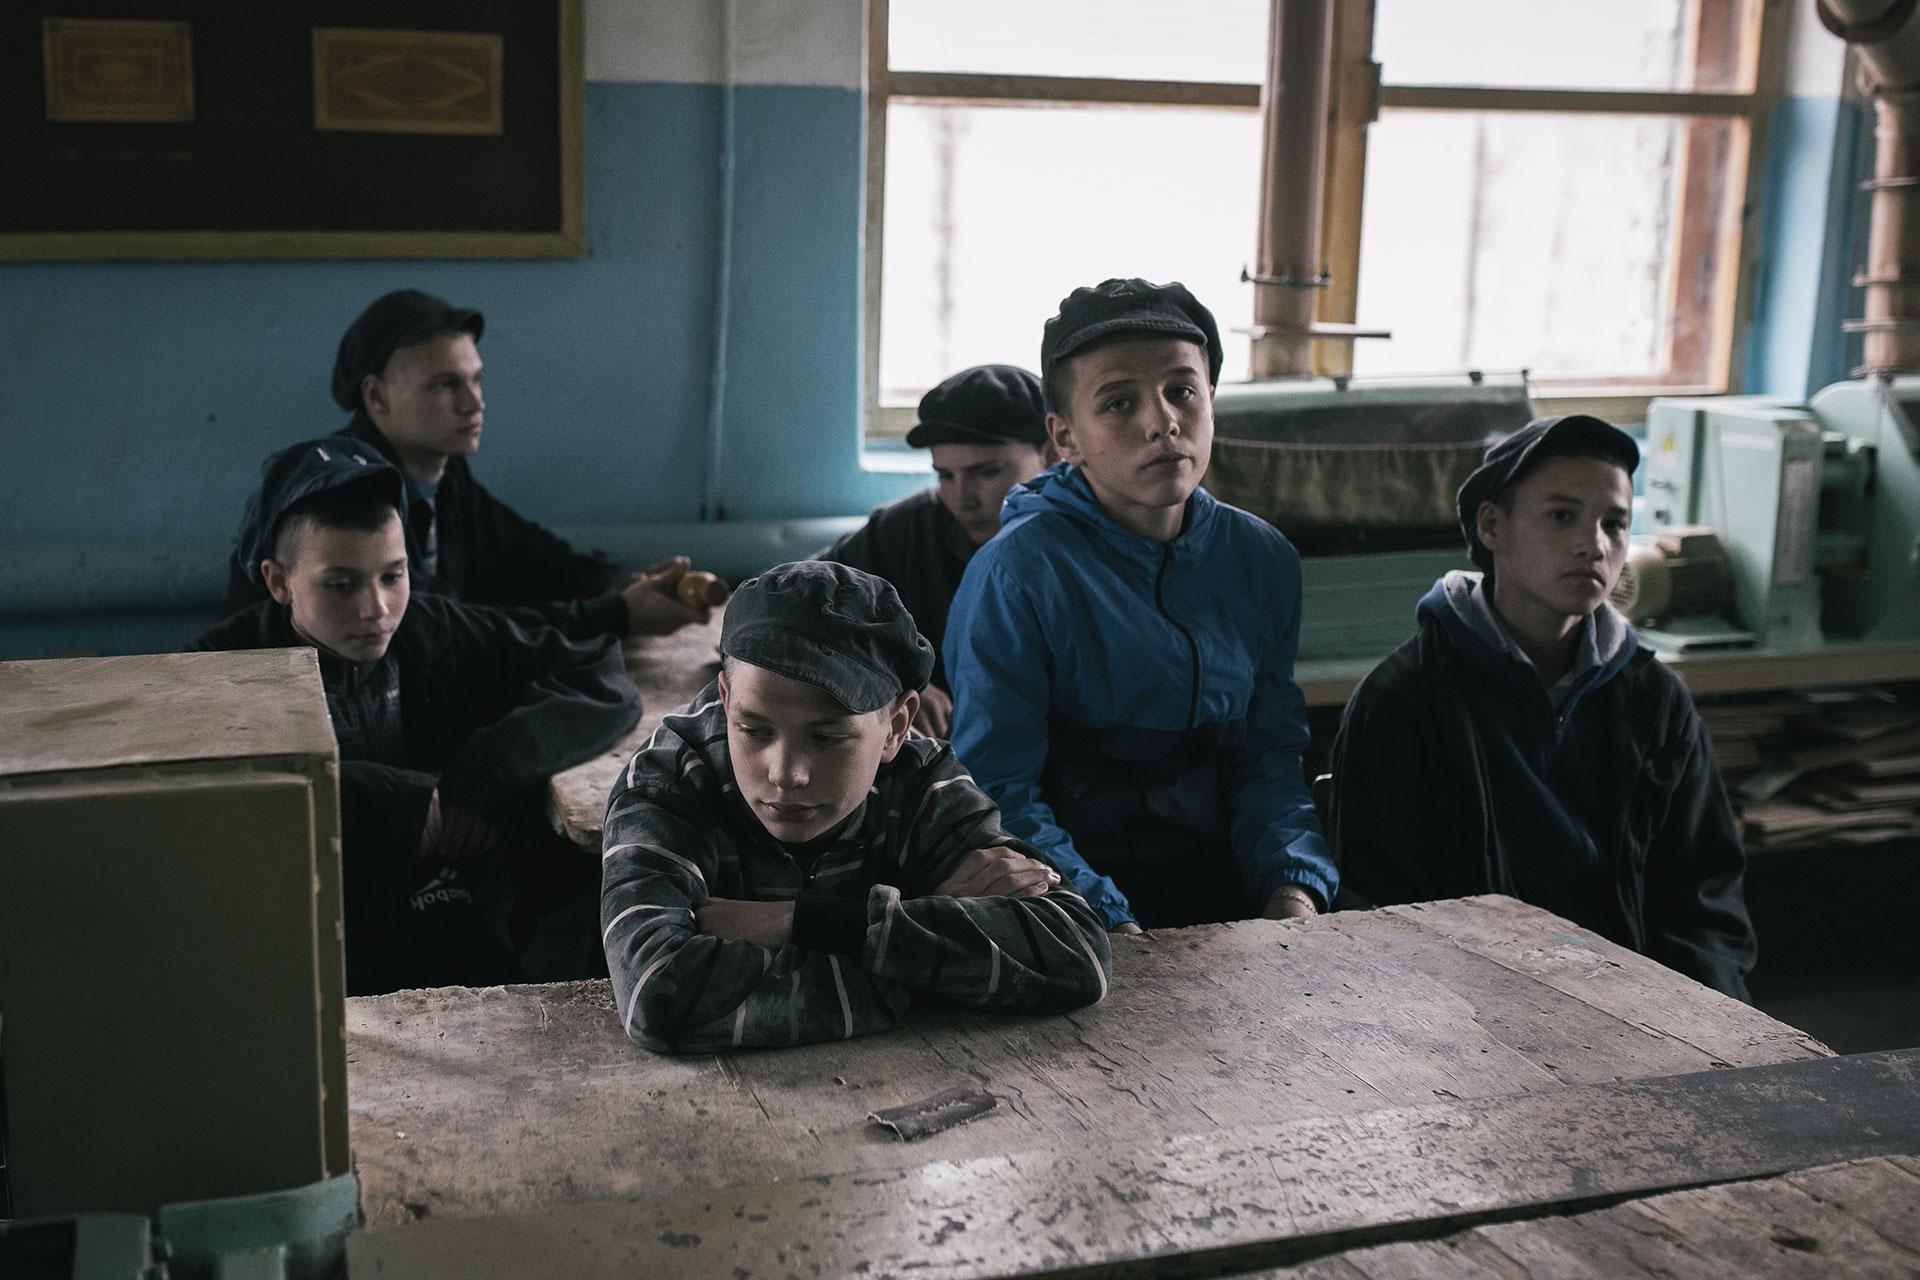 En el taller de carpintería. Uno de los objetivos de los educadores es formar a los niños en la profesión.